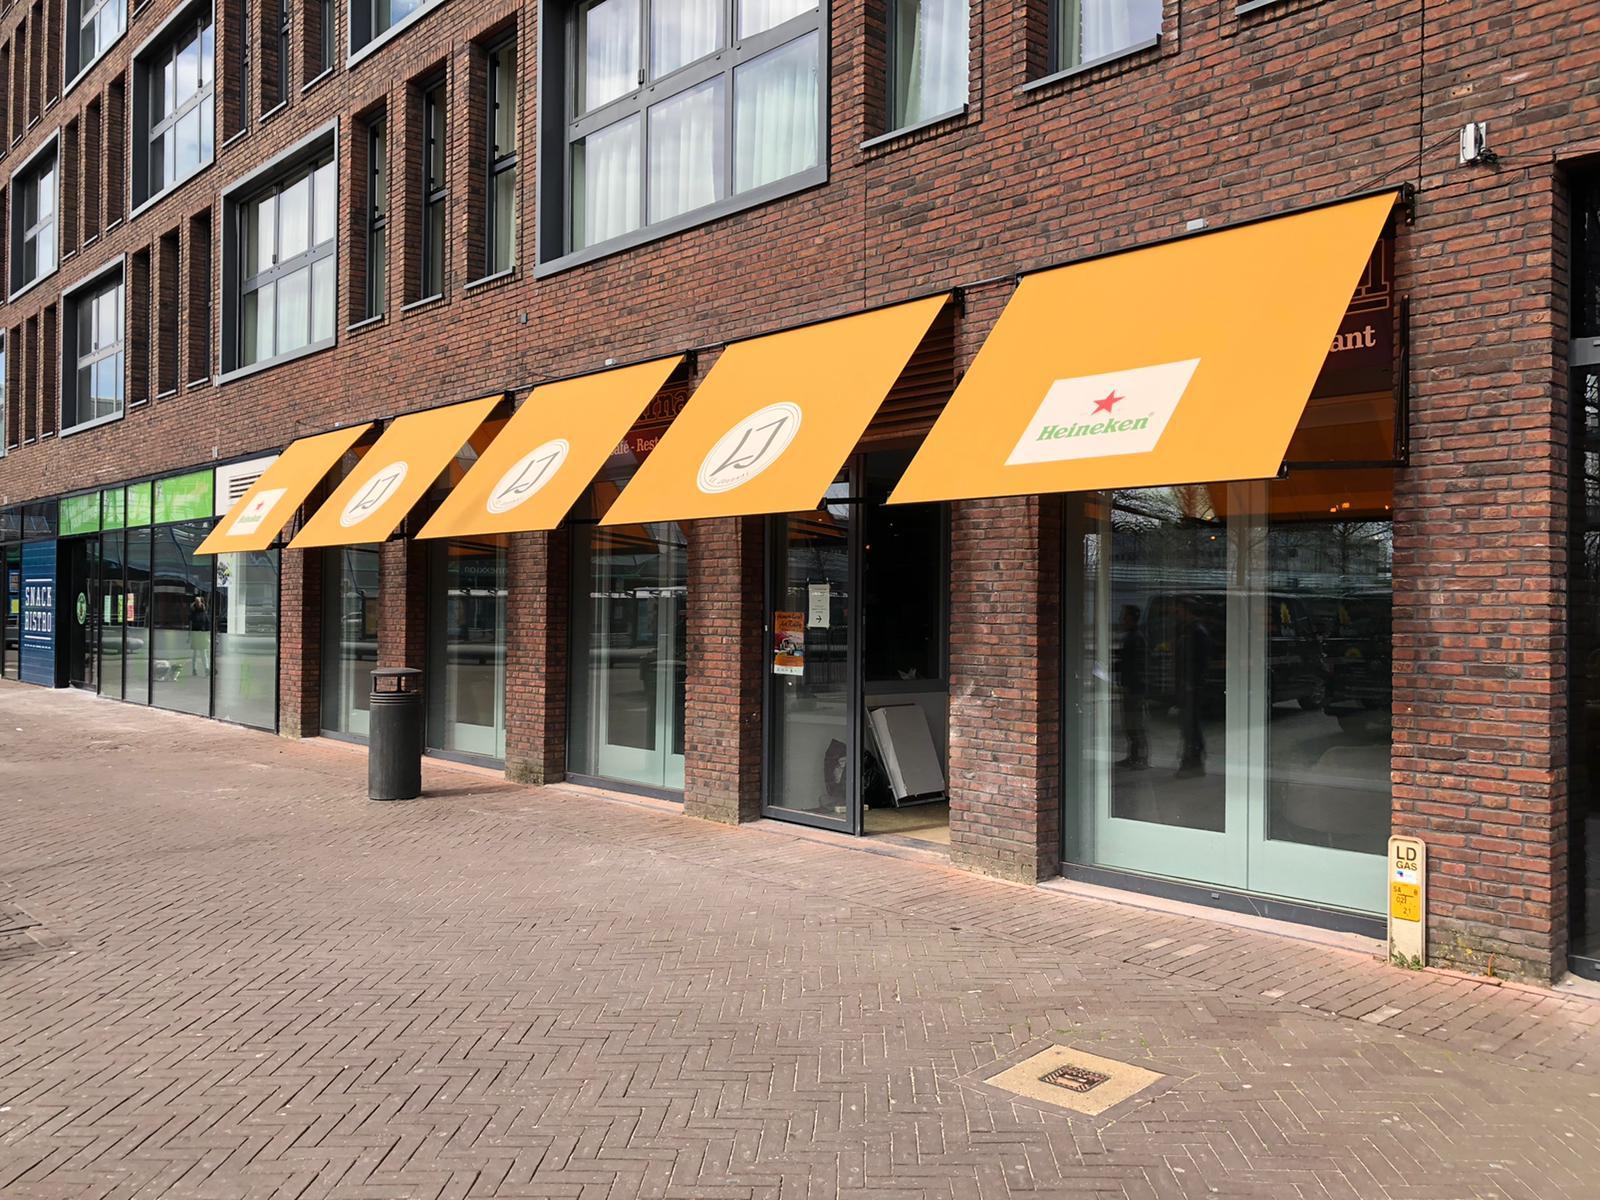 Maatwerk uitvalschermen met bedrukking bij Le Journal bij Van Ewijk Zonwering in Lelystad, Dronten, Swifterbant, Almere en Biddinghuizen